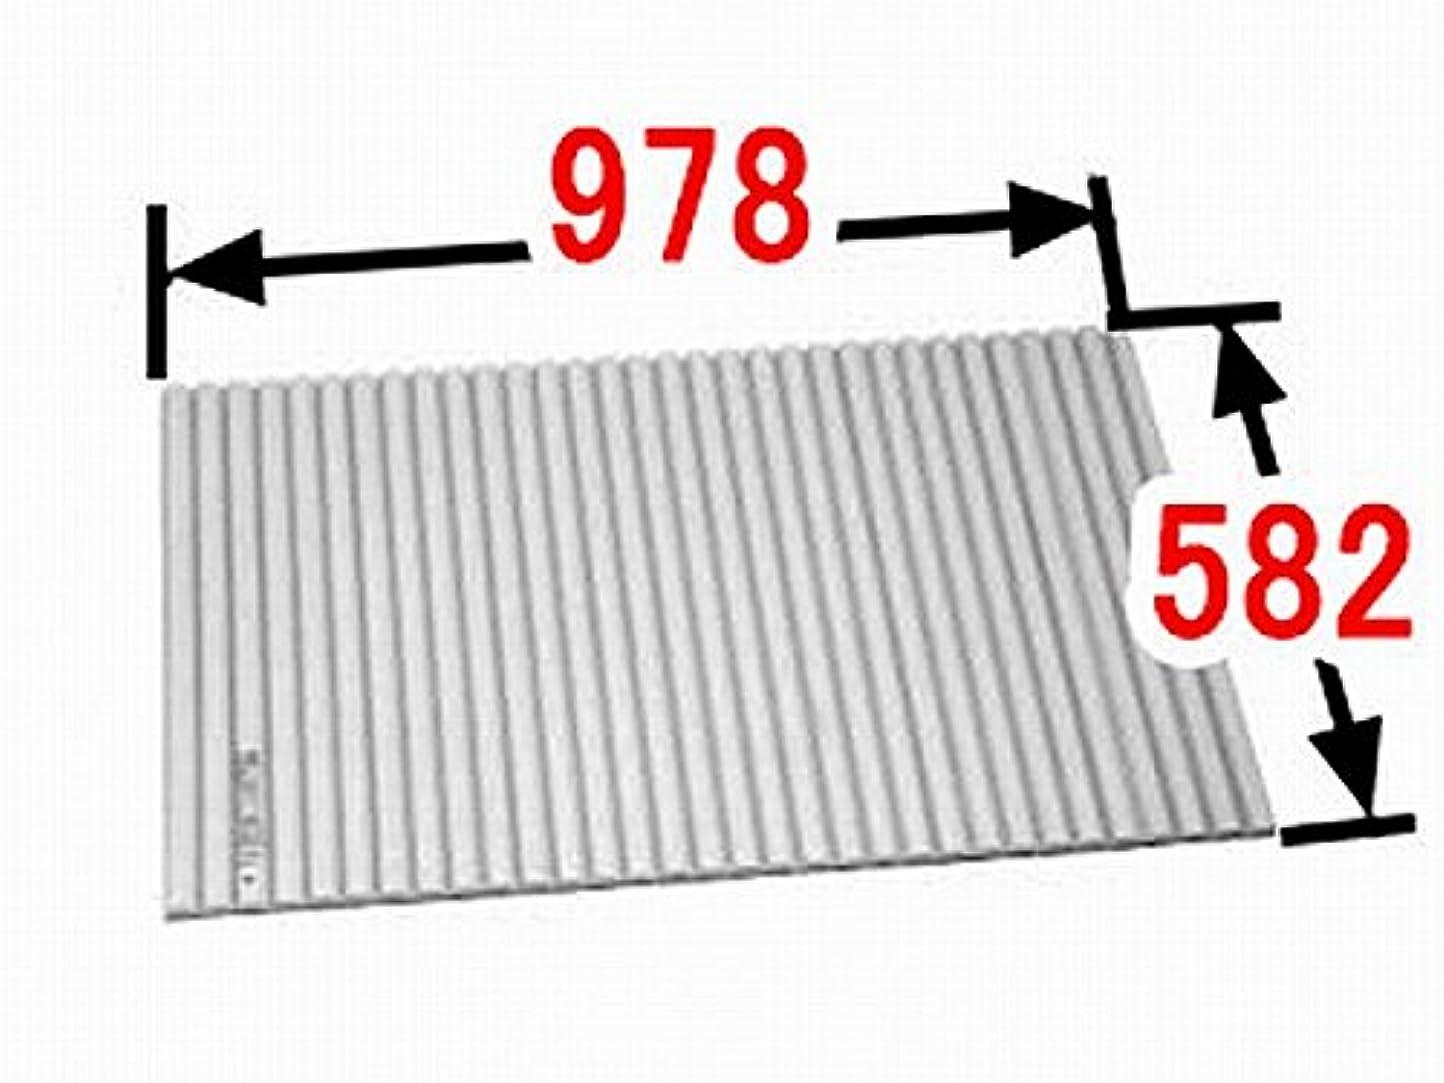 鉄道おしゃれな一般的に言えばINAX 水まわり部品 巻きフタ[BL-S58097-V2] (奥行A)582MM (幅B)978MM BL-S58097-K代替品